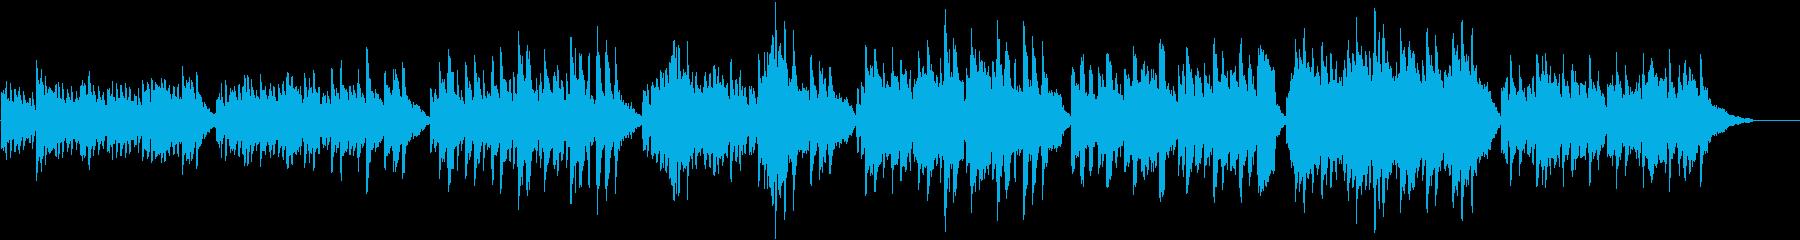 サスペンスホラー映像に合う怪しげなワルツの再生済みの波形